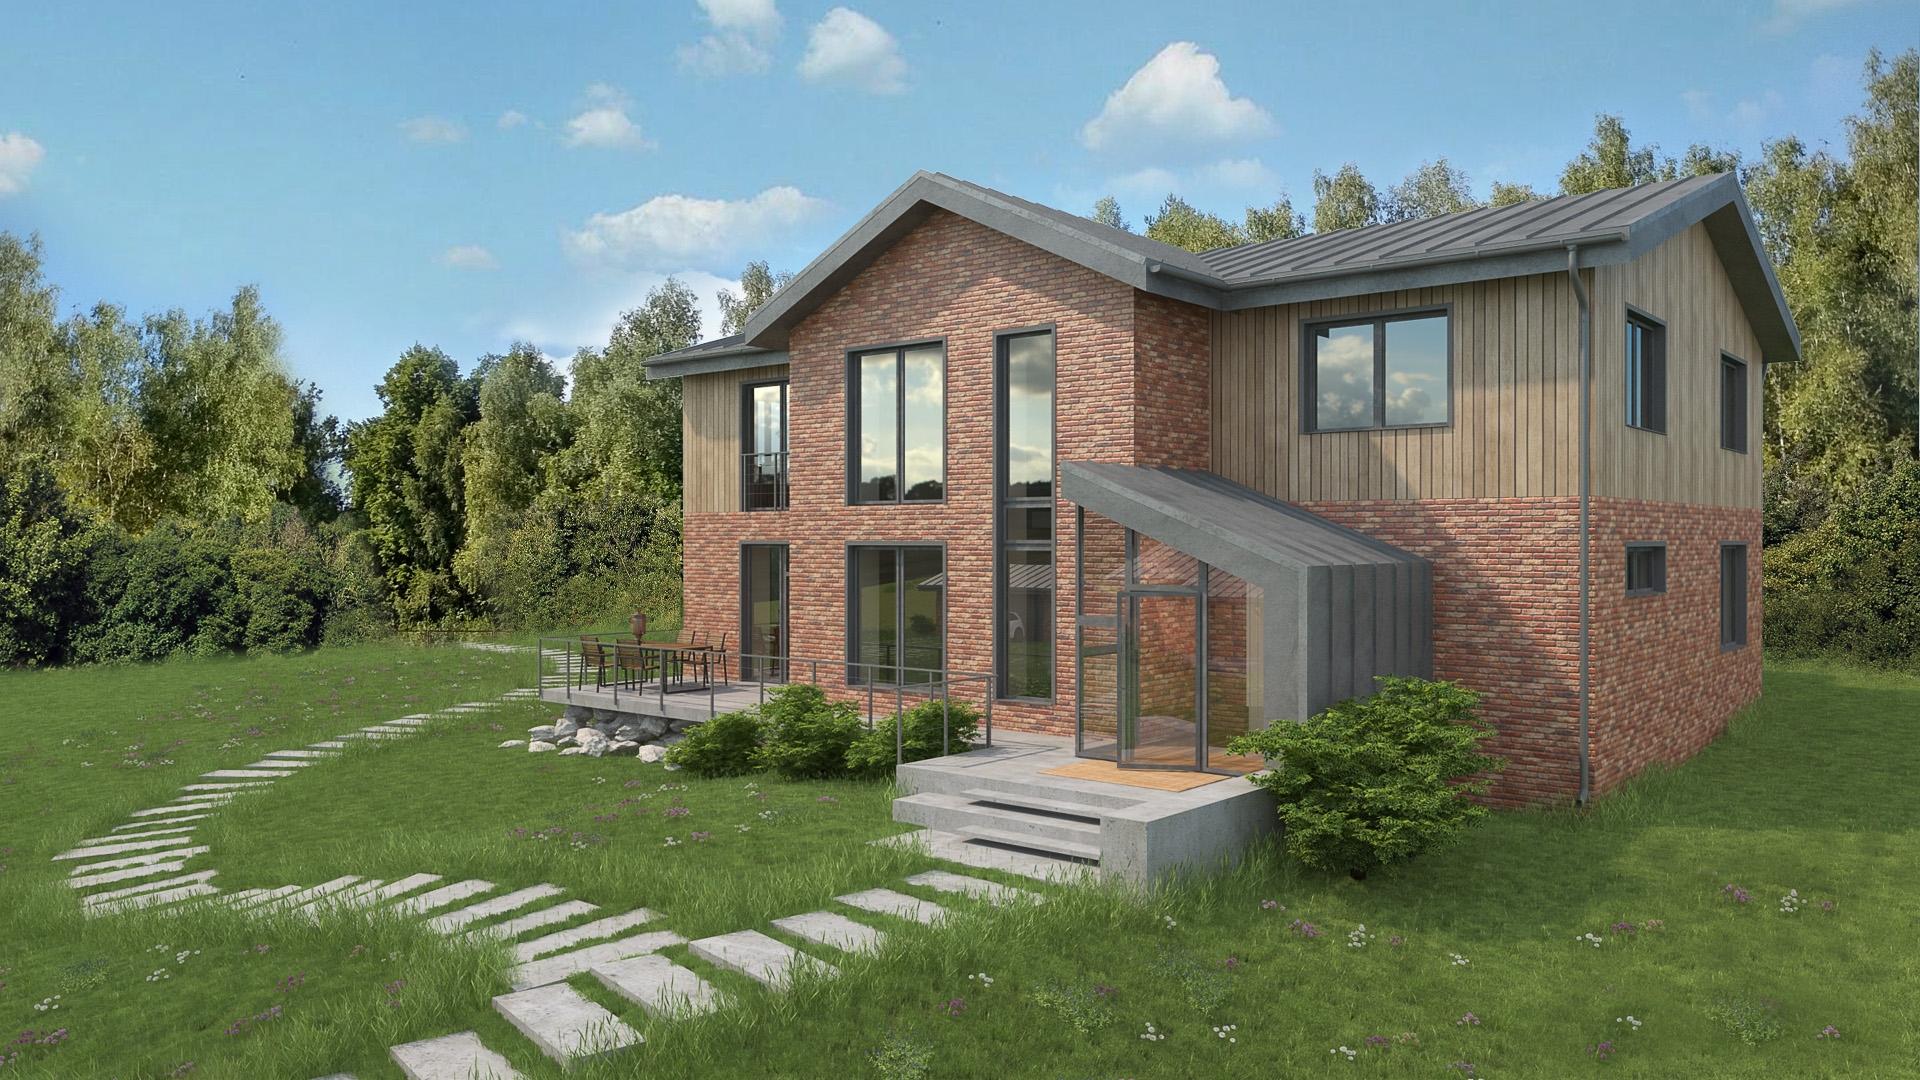 Изображение для проекта Современное поместье для большой семьи 2166